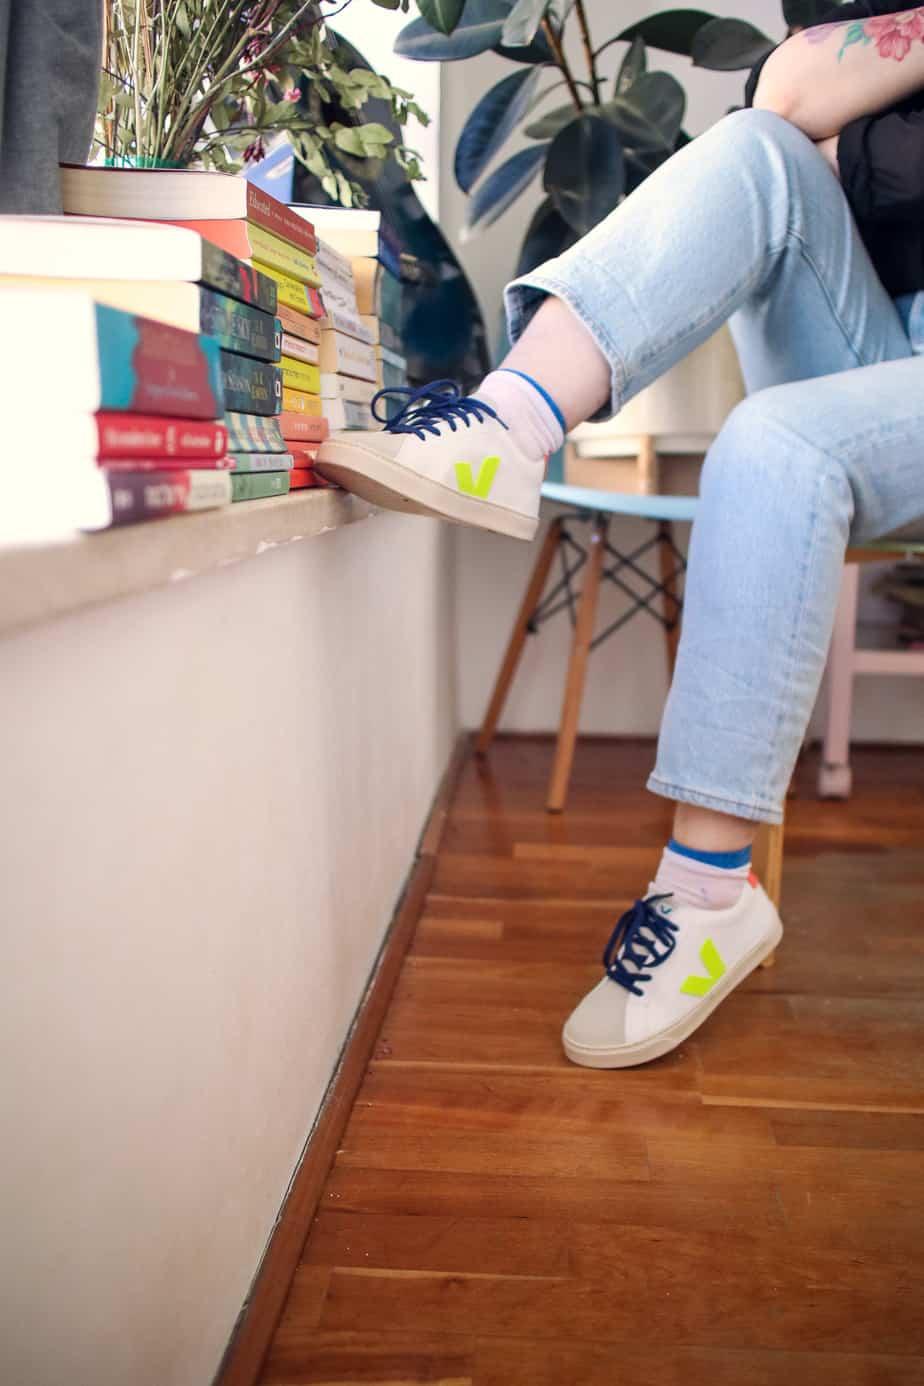 ג'ינס וסניקרס